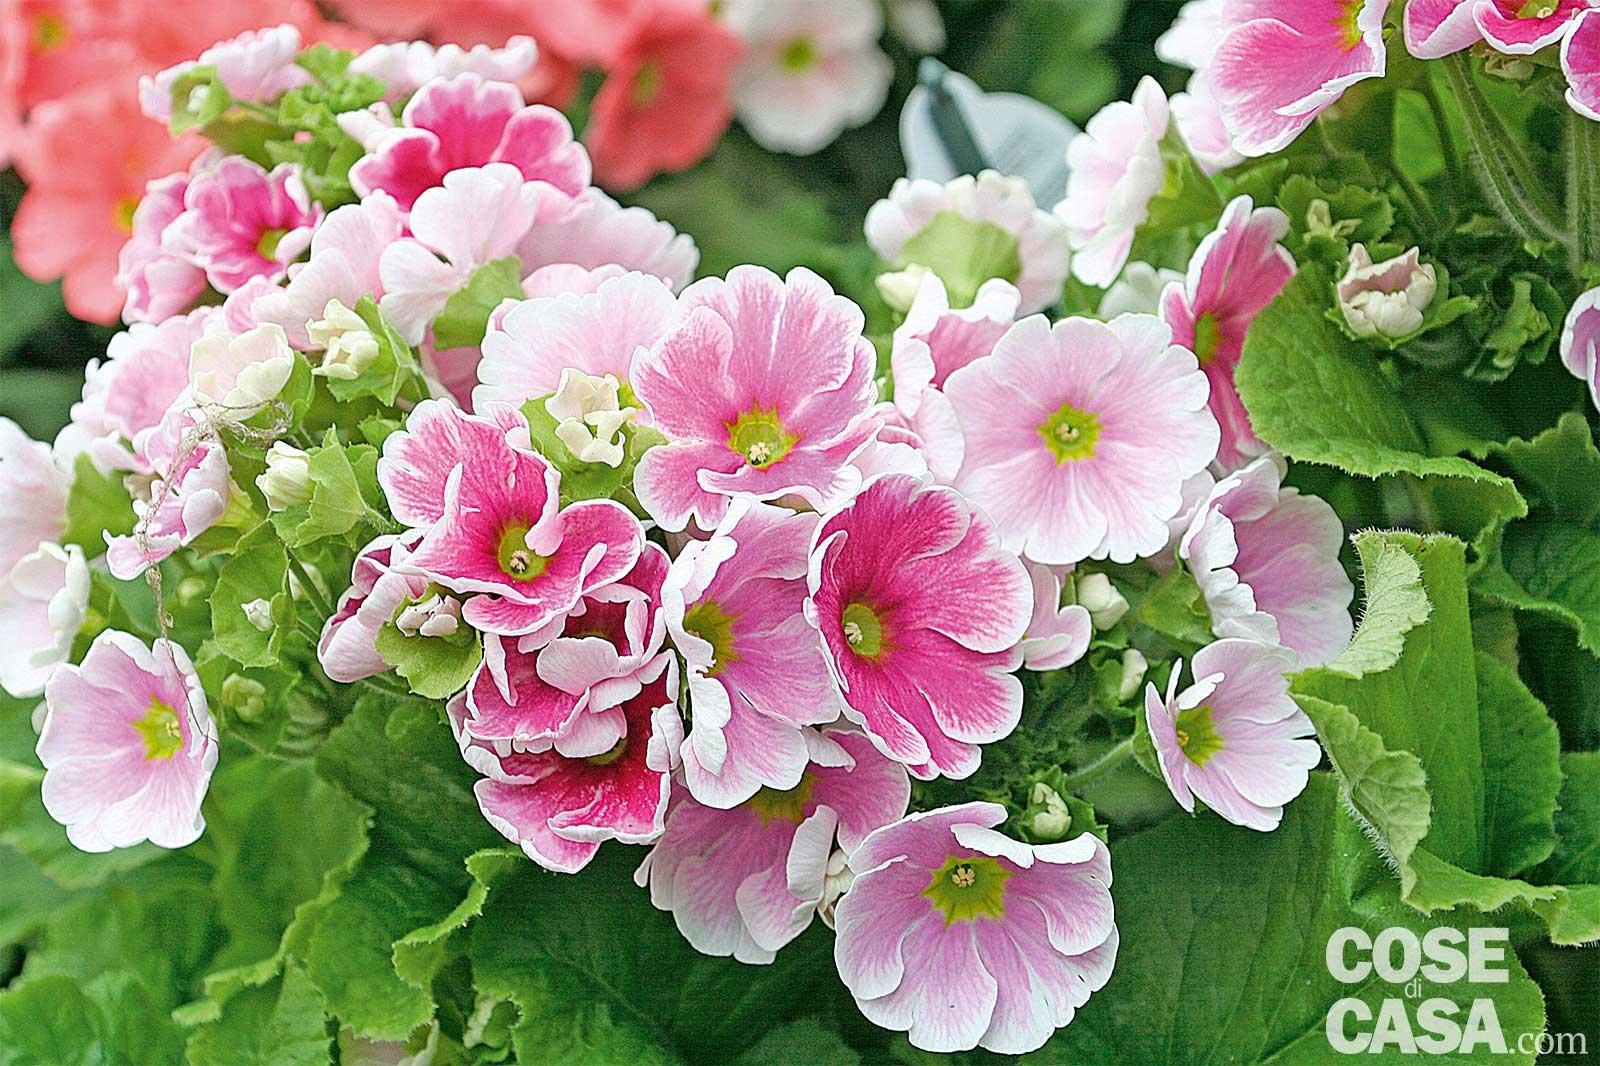 Le piante fiorite pi belle da acquistare adesso cose di for Piante invernali da esterno